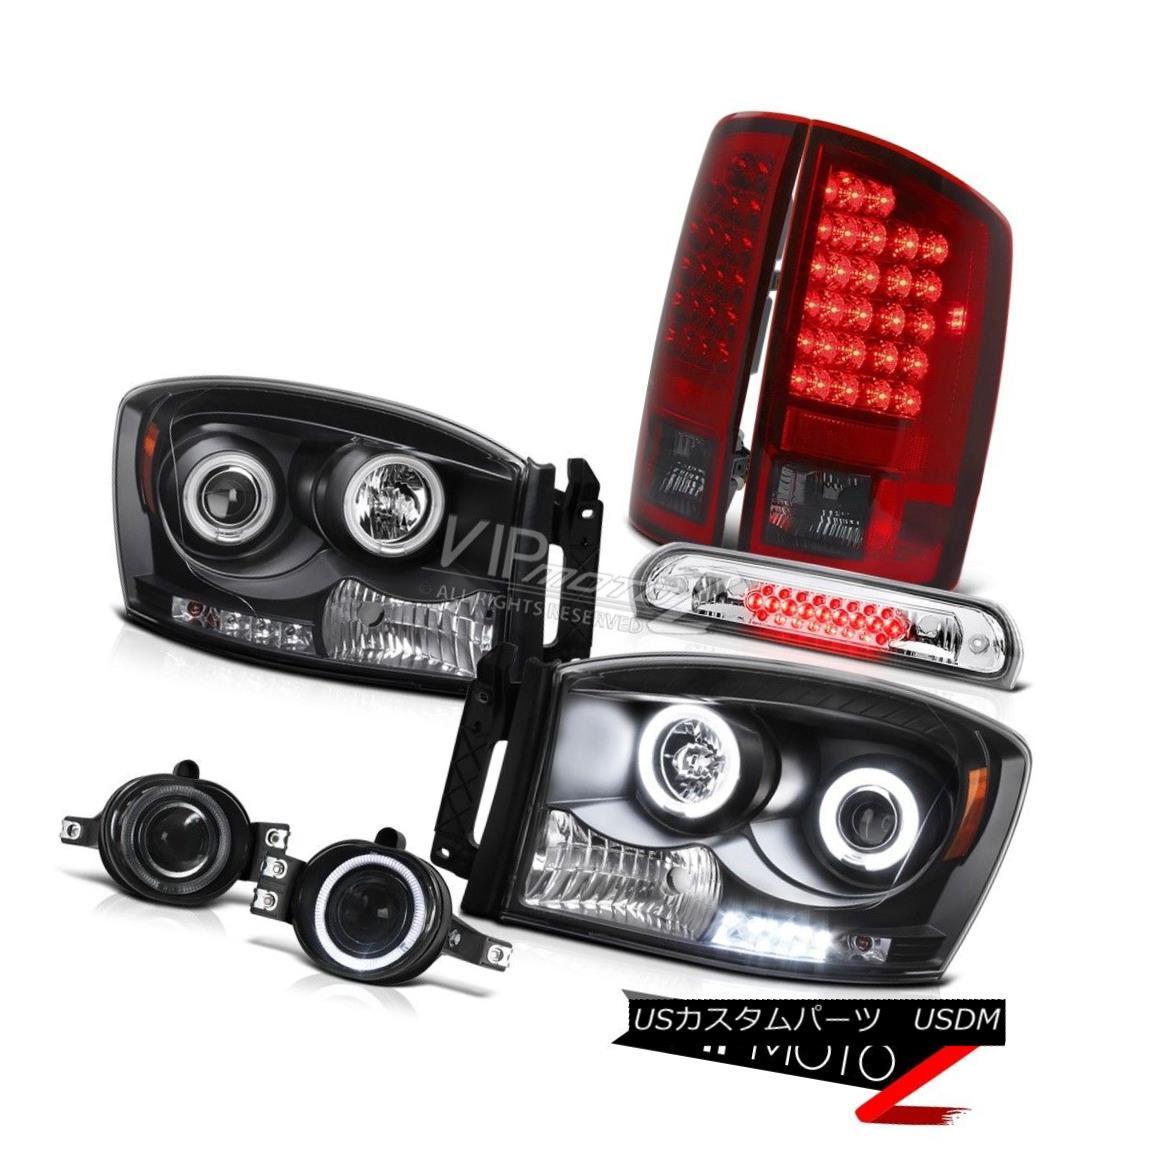 ヘッドライト Halo Headlights Rear Tail Light LED Projector Fog High Stop Chrome 2006 Ram 2500 HaloヘッドライトリアテールライトLEDプロジェクターフォグハイストップクロム2006 Ram 2500